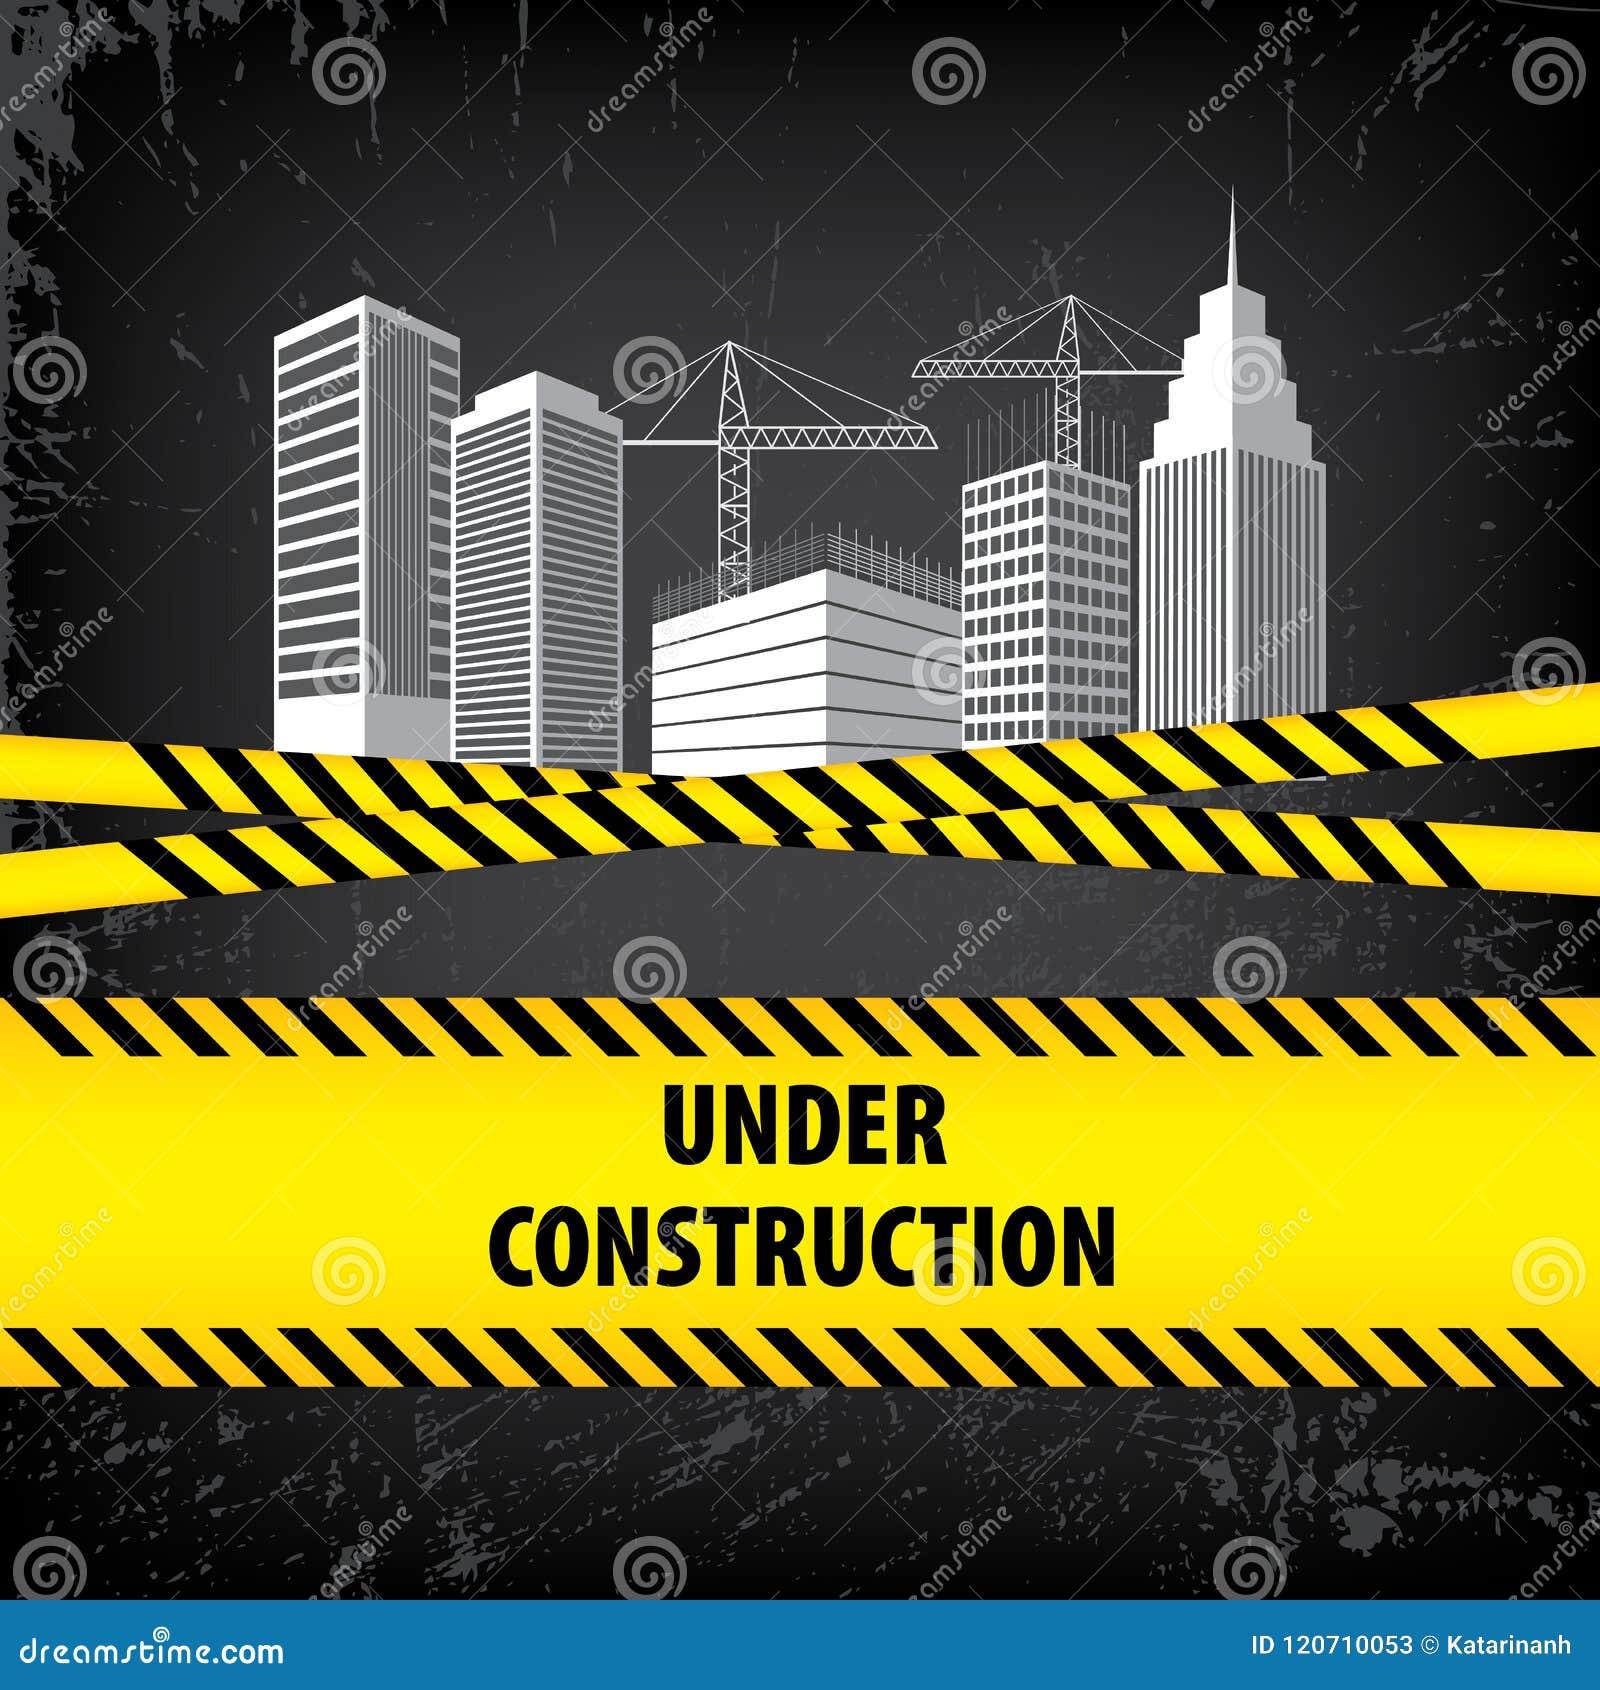 Under Construction Sign On Black Ground Background Vector Illustration For Website Building Under Construction Site Buildings A Stock Vector Illustration Of Reconstruction Construct 120710053